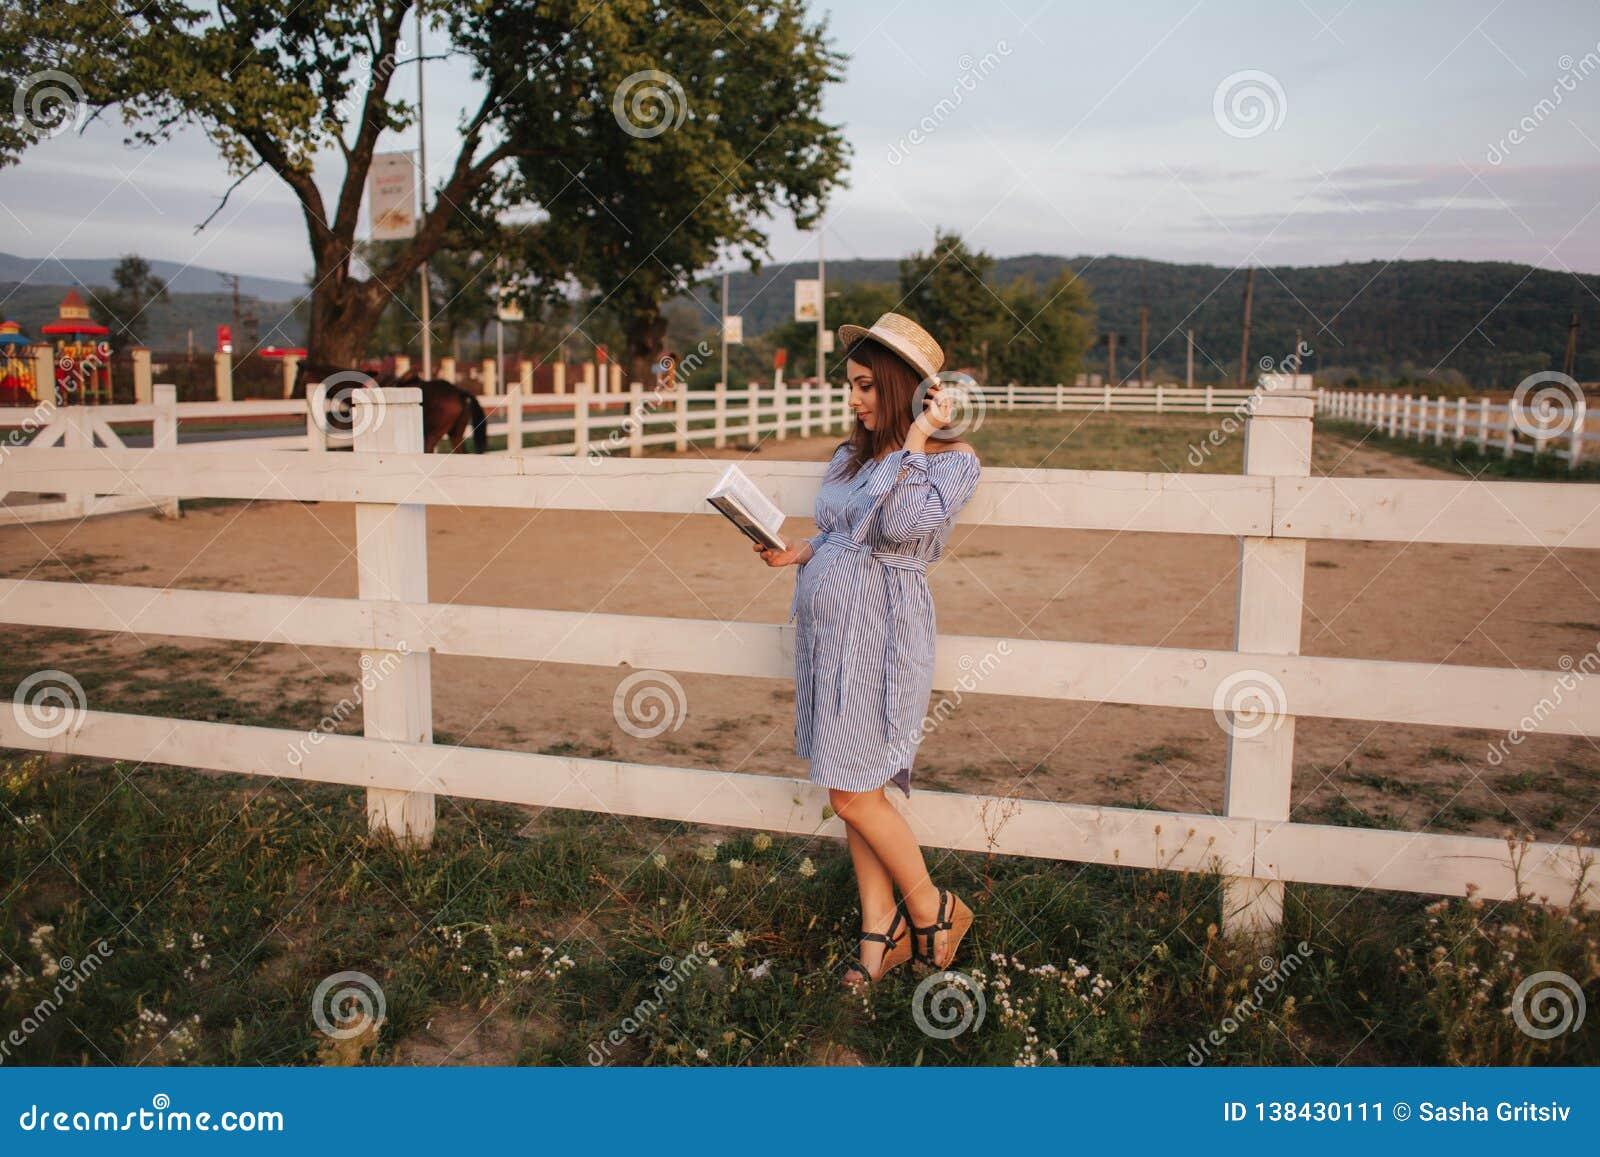 Η όμορφη έγκυος γυναίκα διάβασε το βιβλίο στο αγρόκτημα Υπερασπίζεται το fance και κοιτάζει μέσα στο βιβλίο Χαλαρώστε